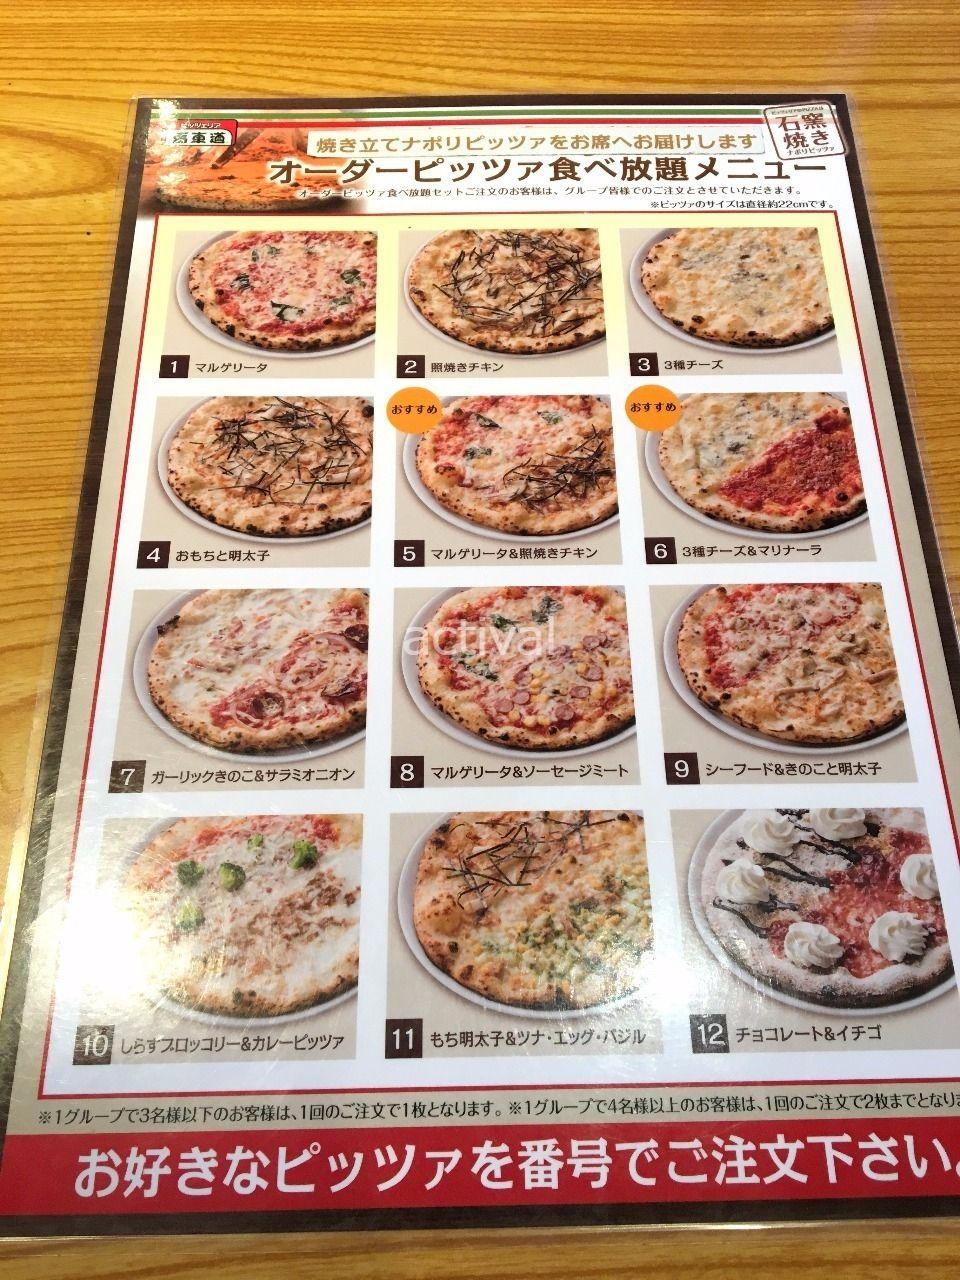 ピザ食べ放題!!ピッツェリア馬車道!!